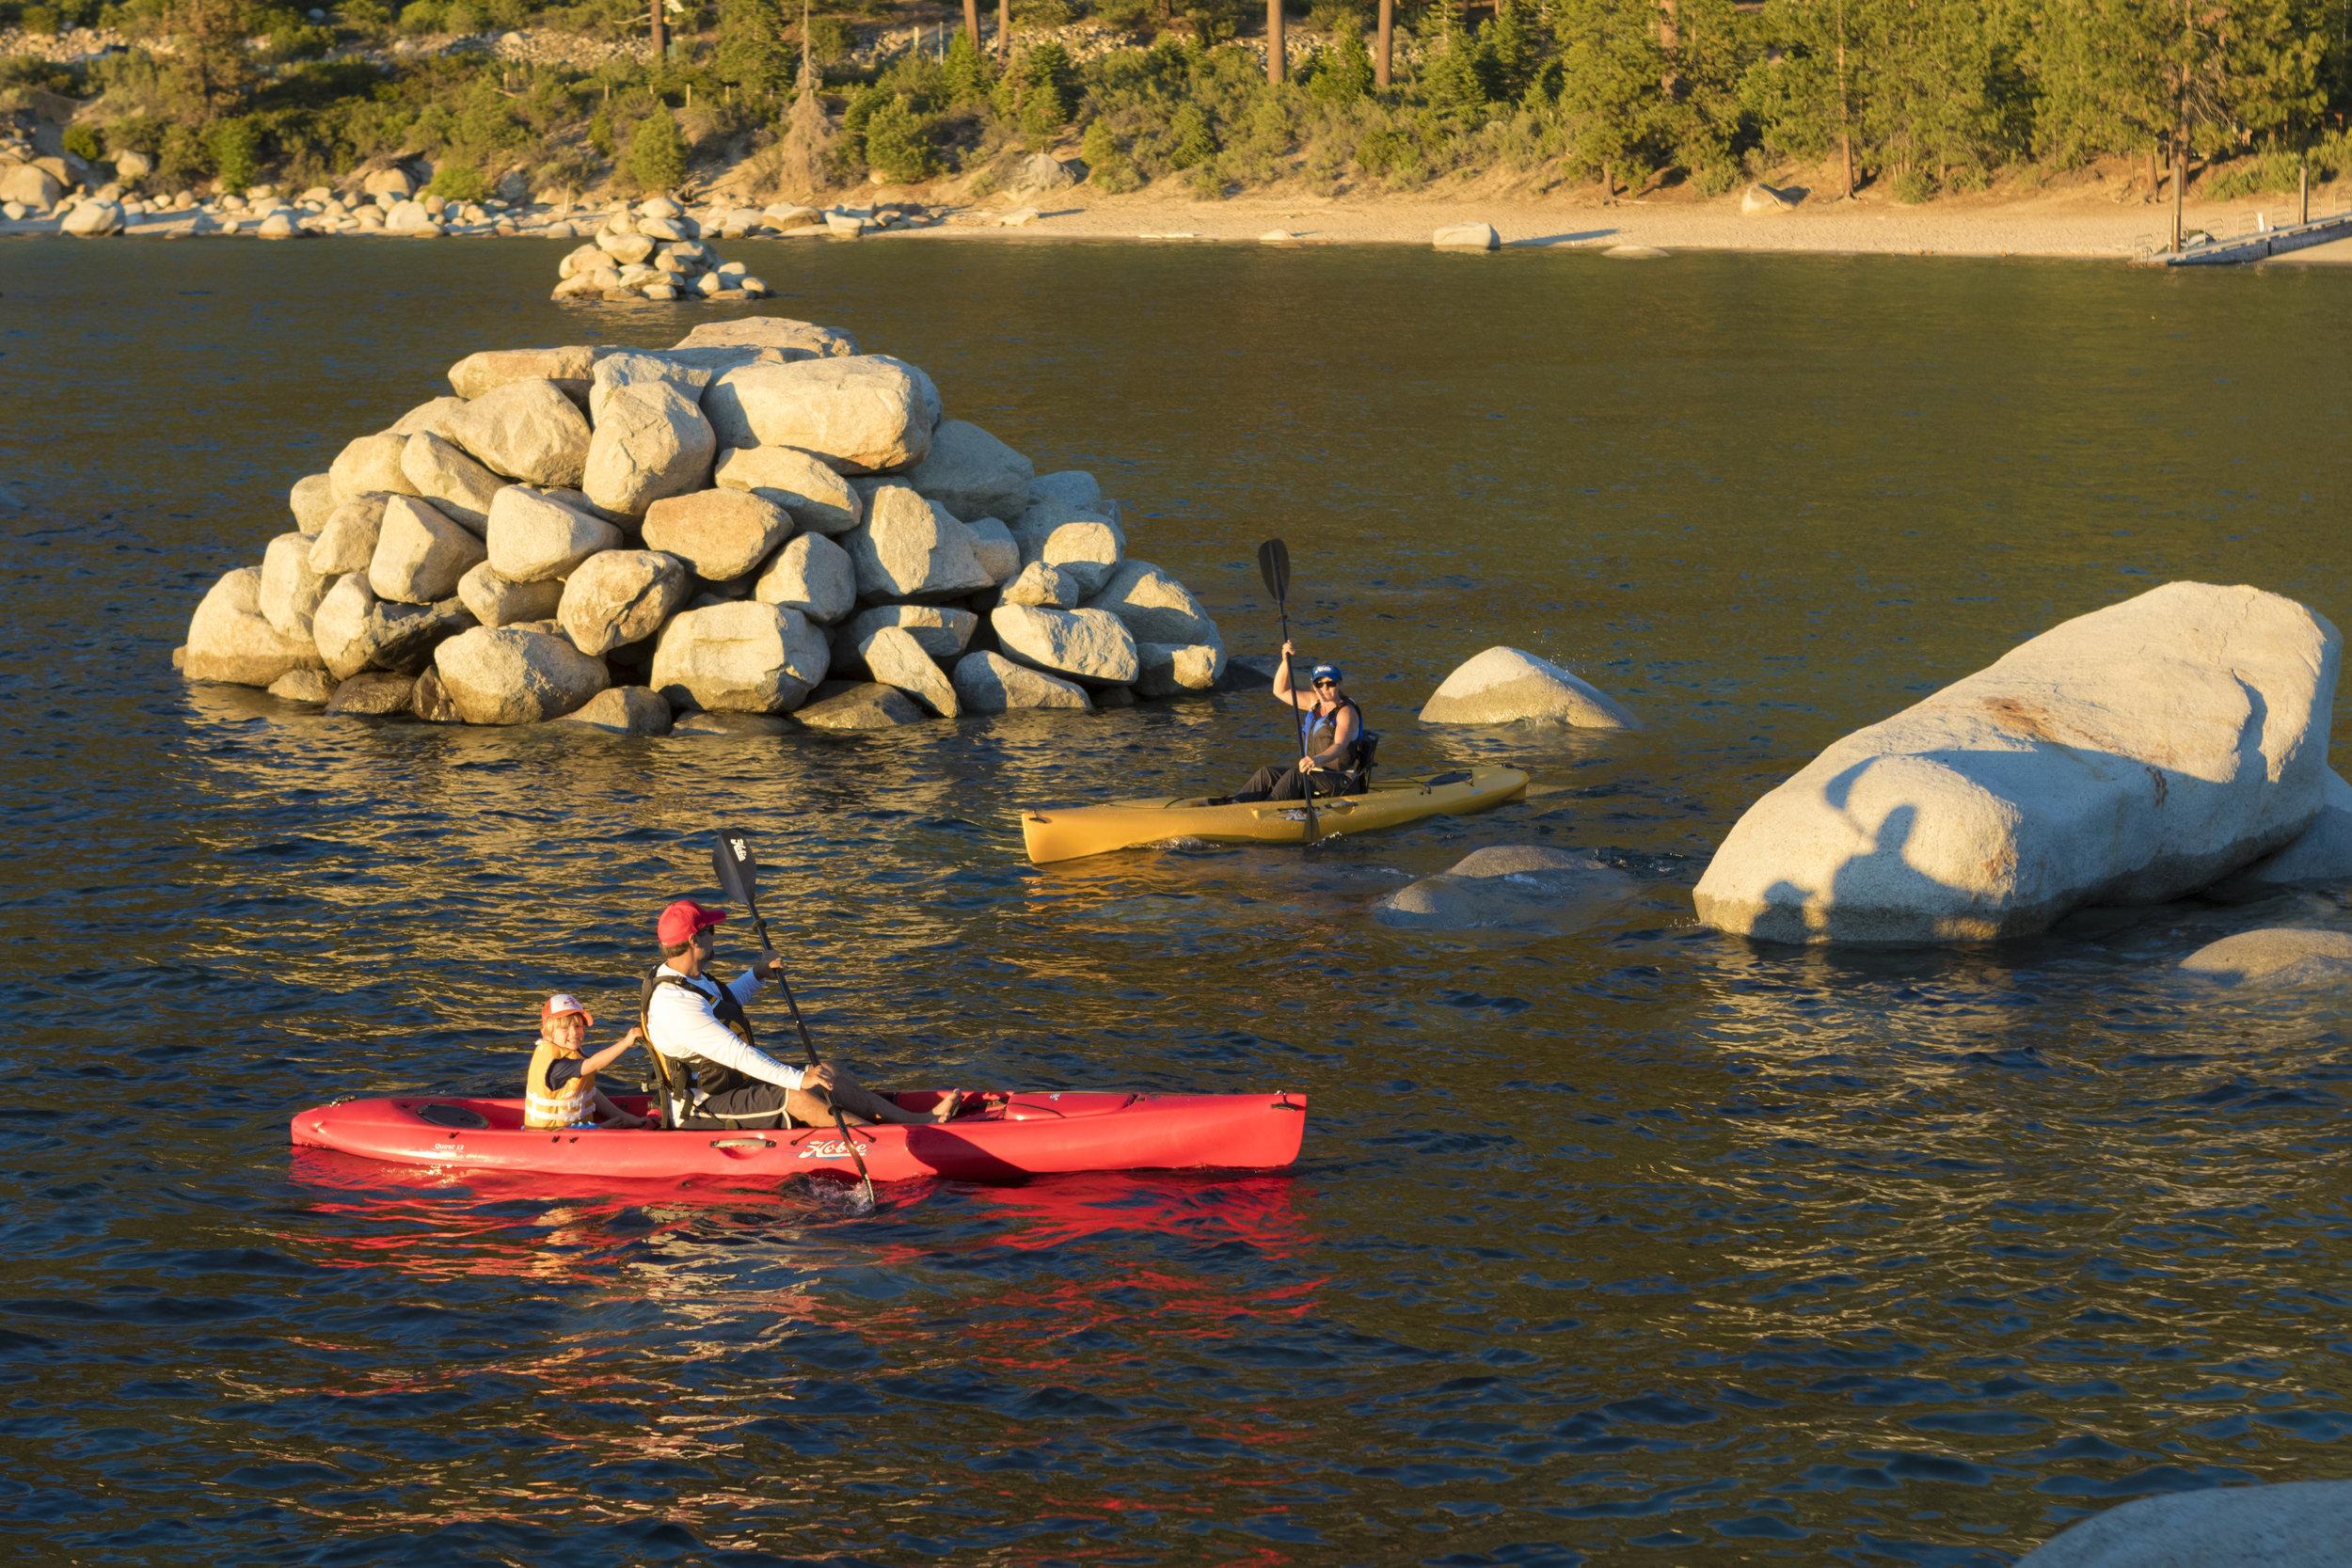 Quest_action_Tahoe_Family_Rocks_1921_full.jpg